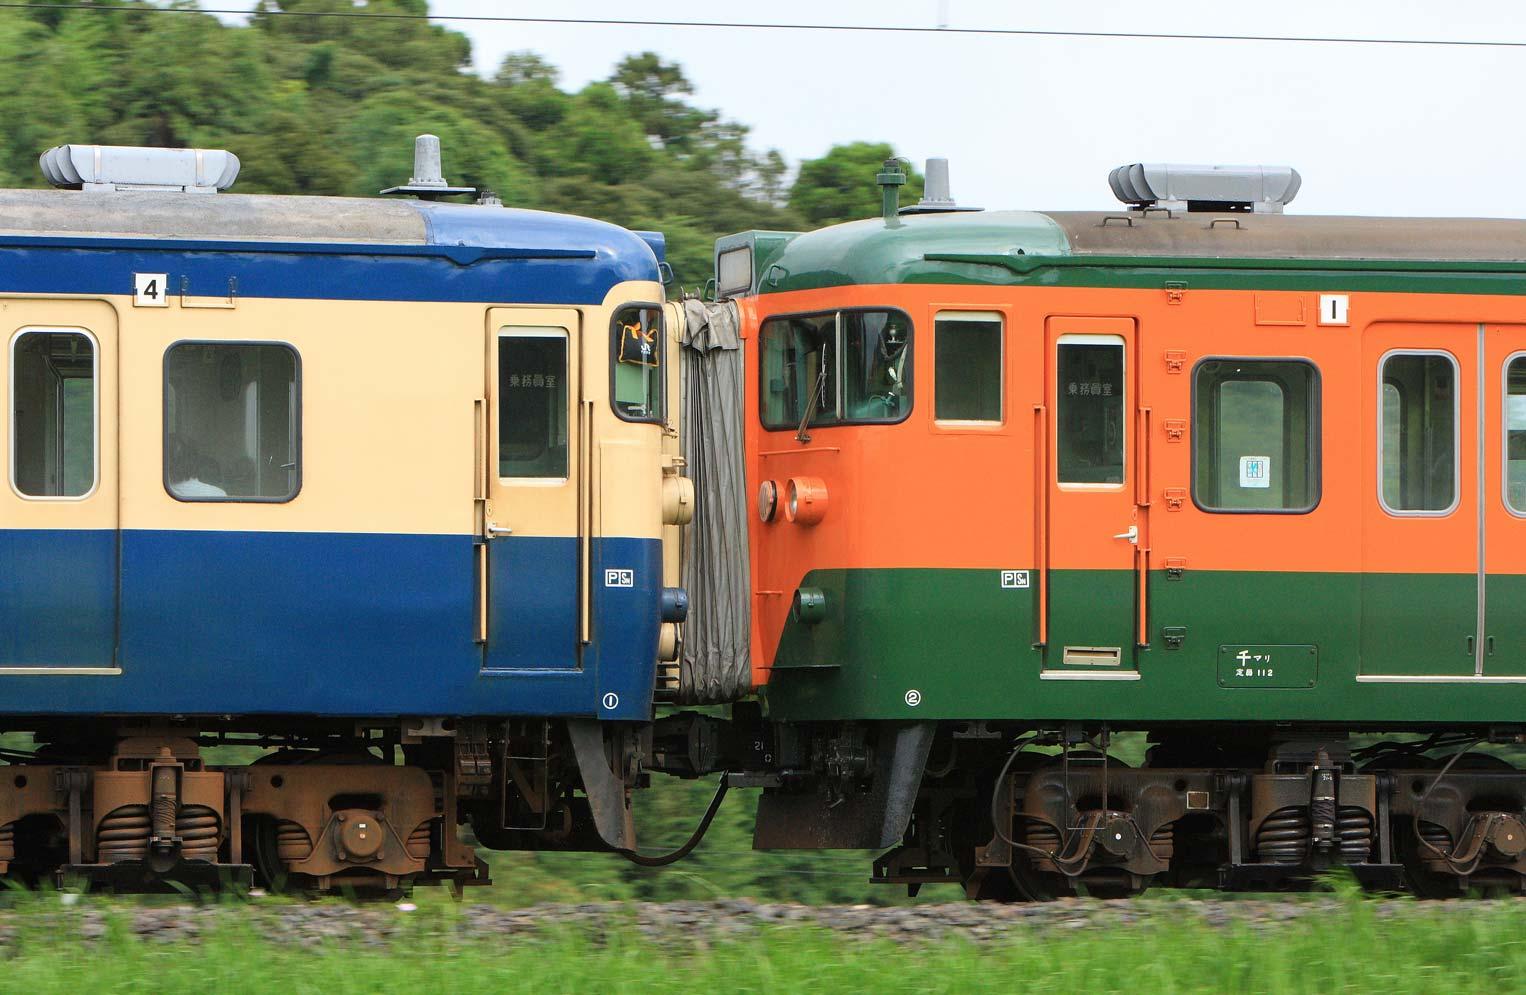 http://smizok.net/train/img/img_train20100822_04.jpg